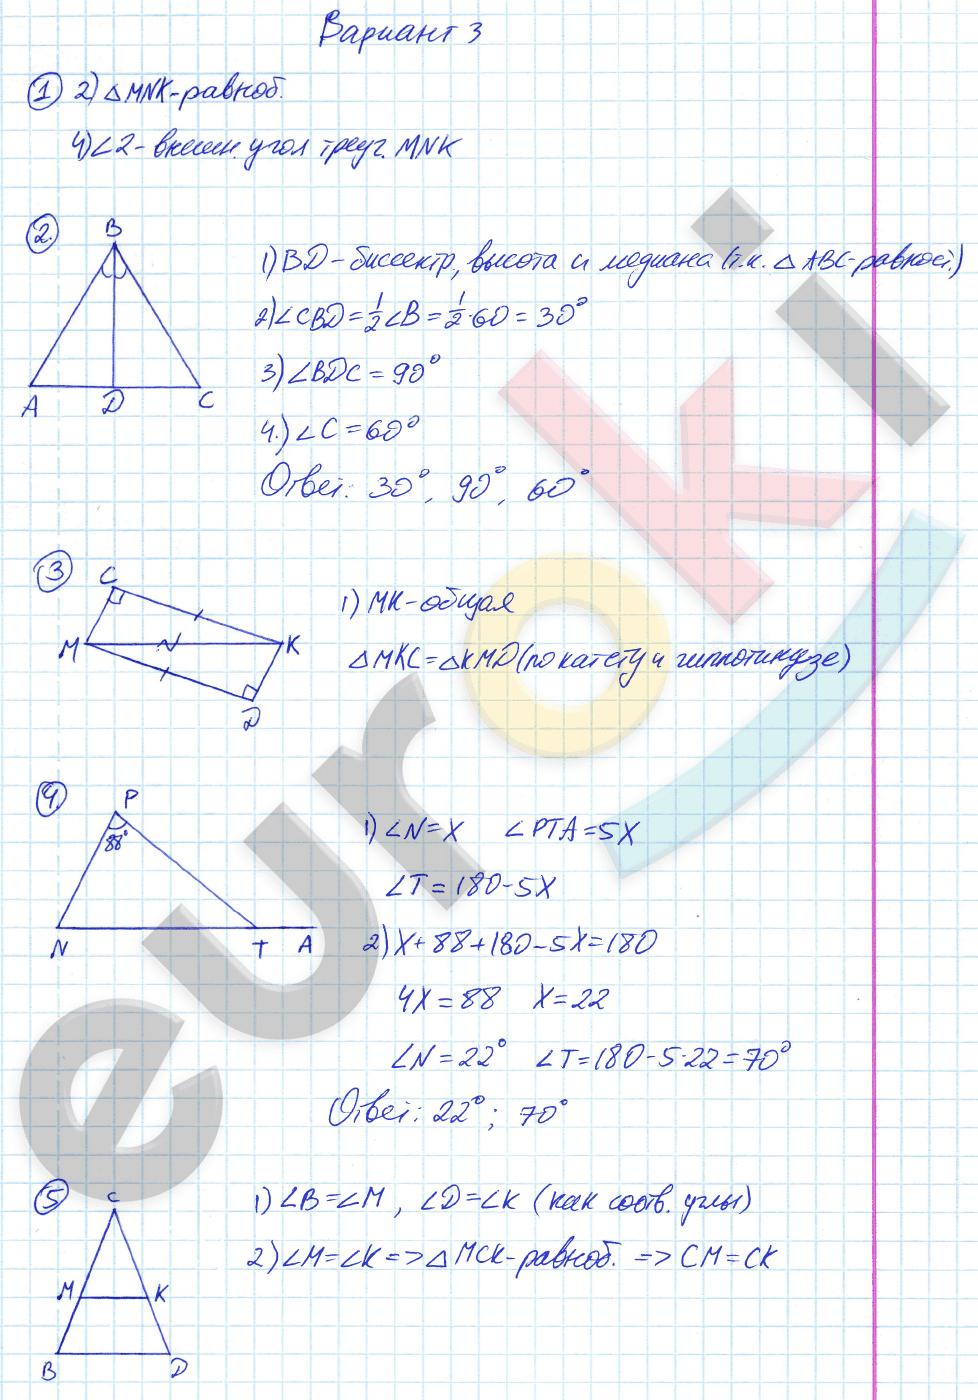 ГДЗ по геометрии 7 класс контрольные работы Мельникова КР-4. Соотношения между сторонами и углами треугольника. Задание: Вариант 3